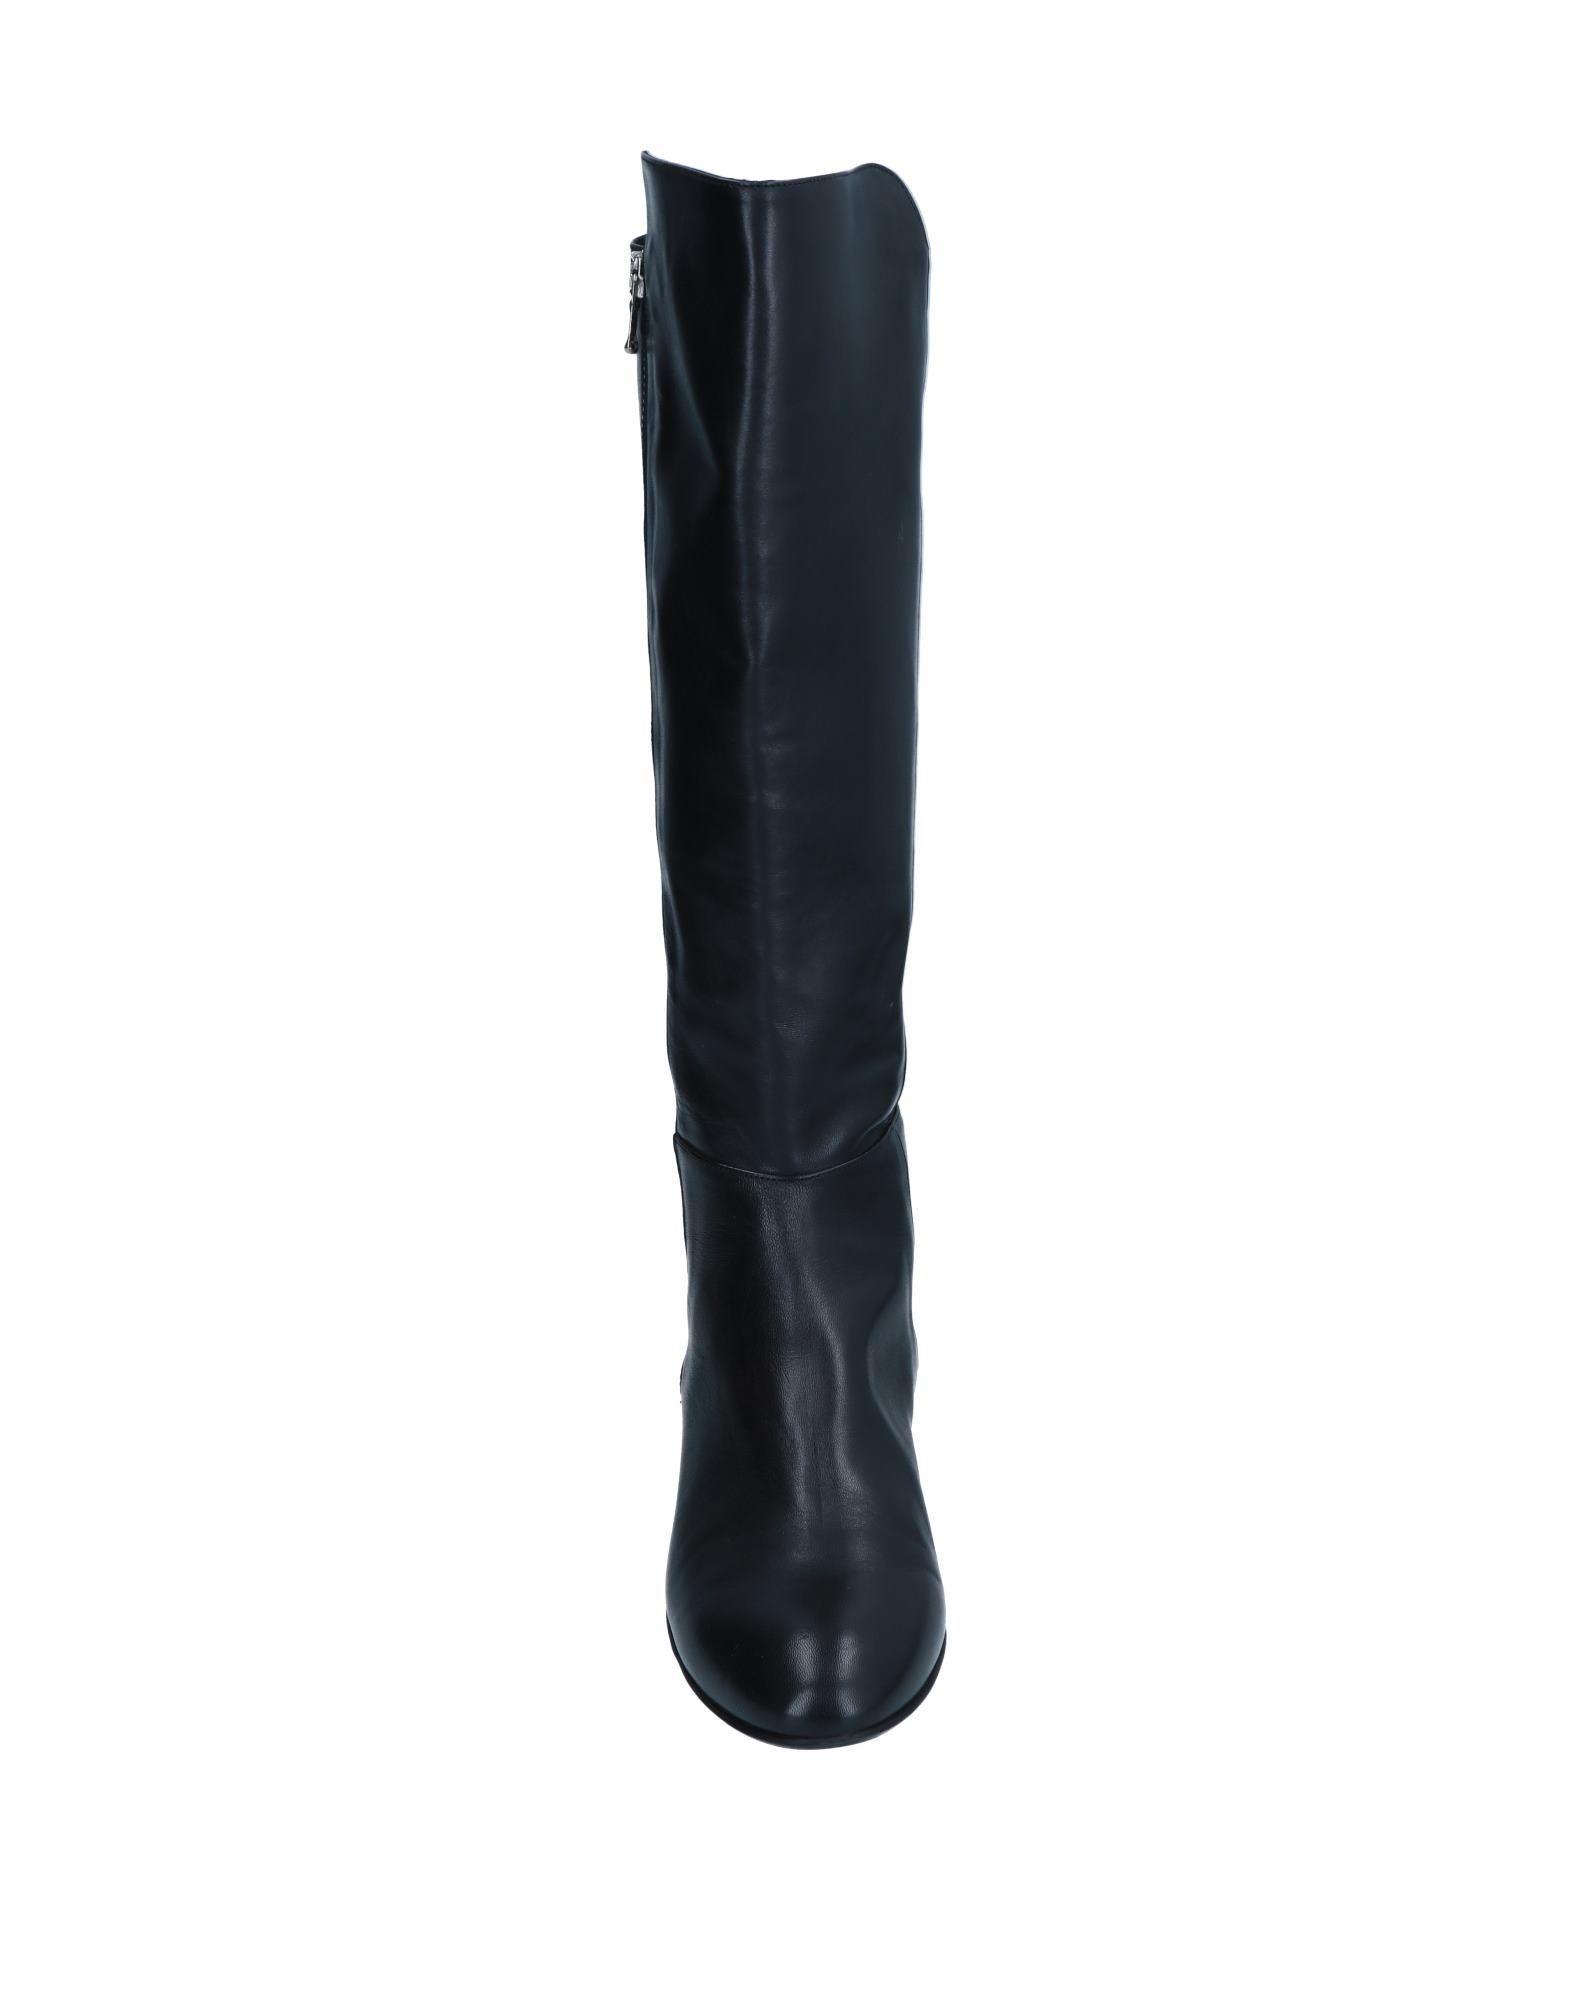 Stilvolle billige Stiefel Schuhe Guglielmo Rotta Stiefel billige Damen  11546632QS 8b8945